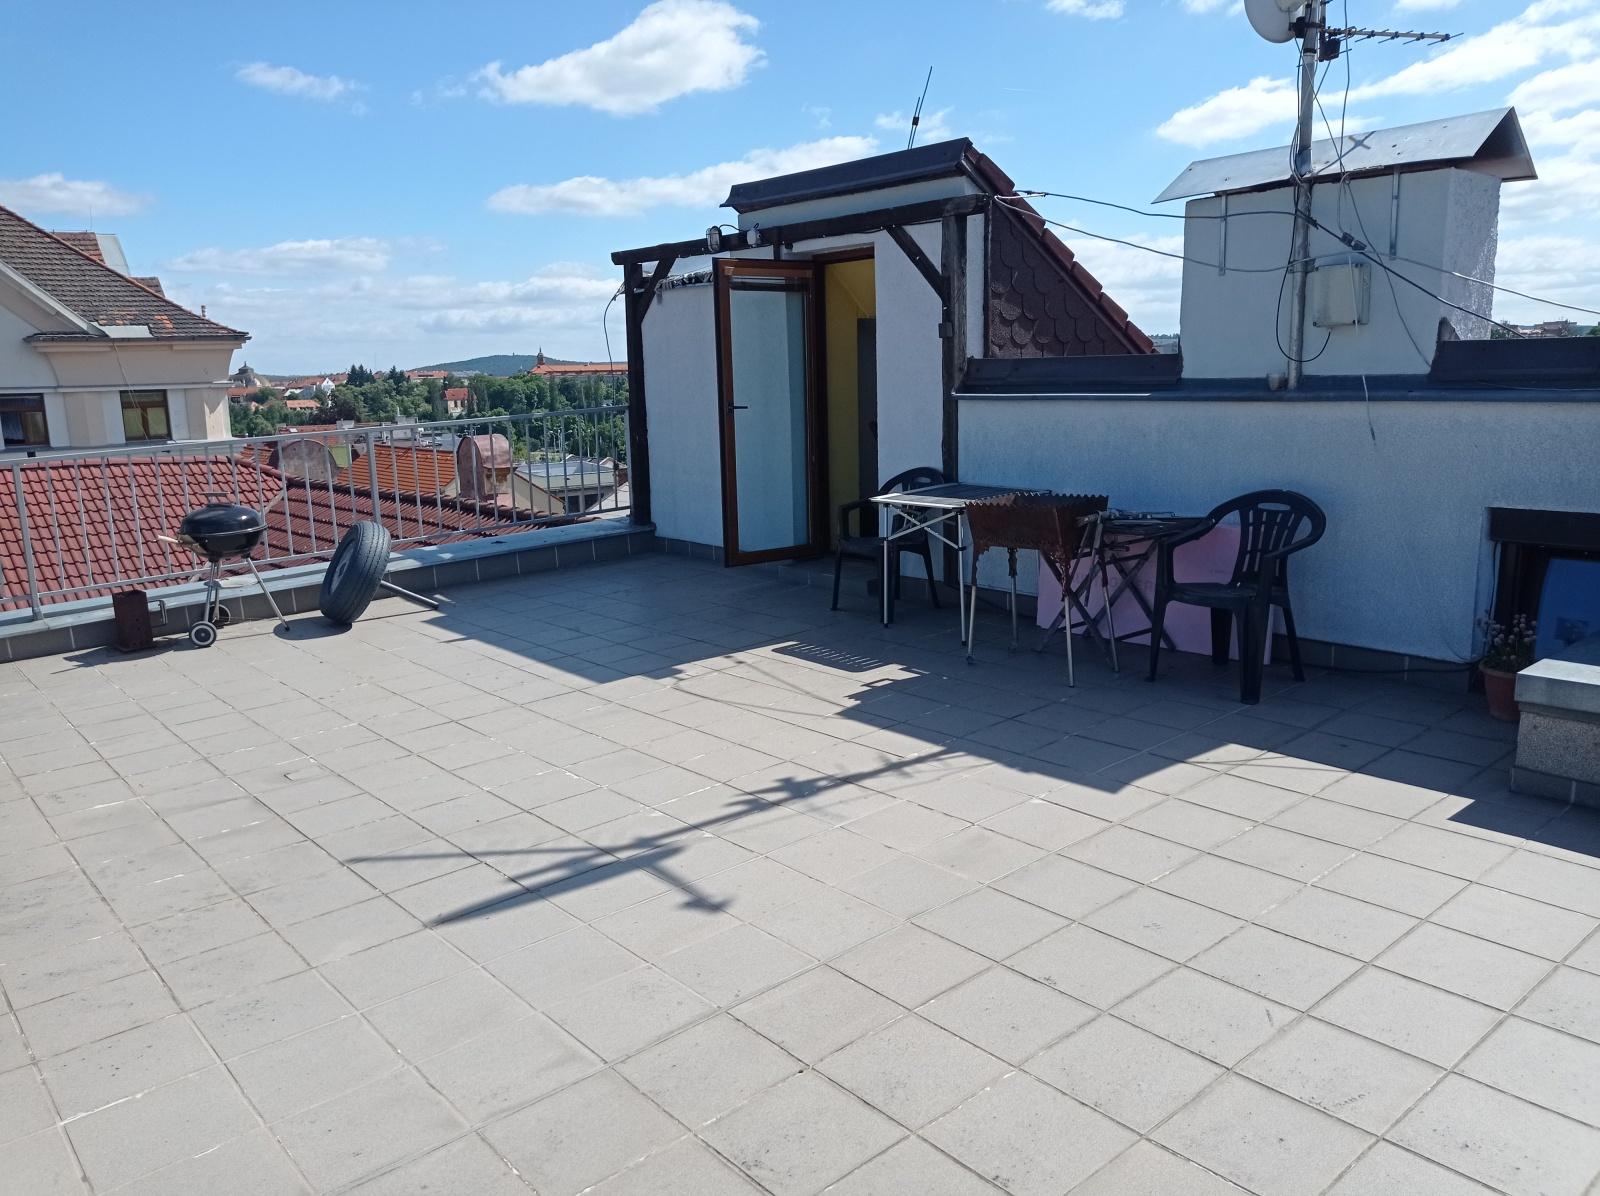 Pronájem, byt 2+kk s terasou, ul. Plovární, Plzeň - město